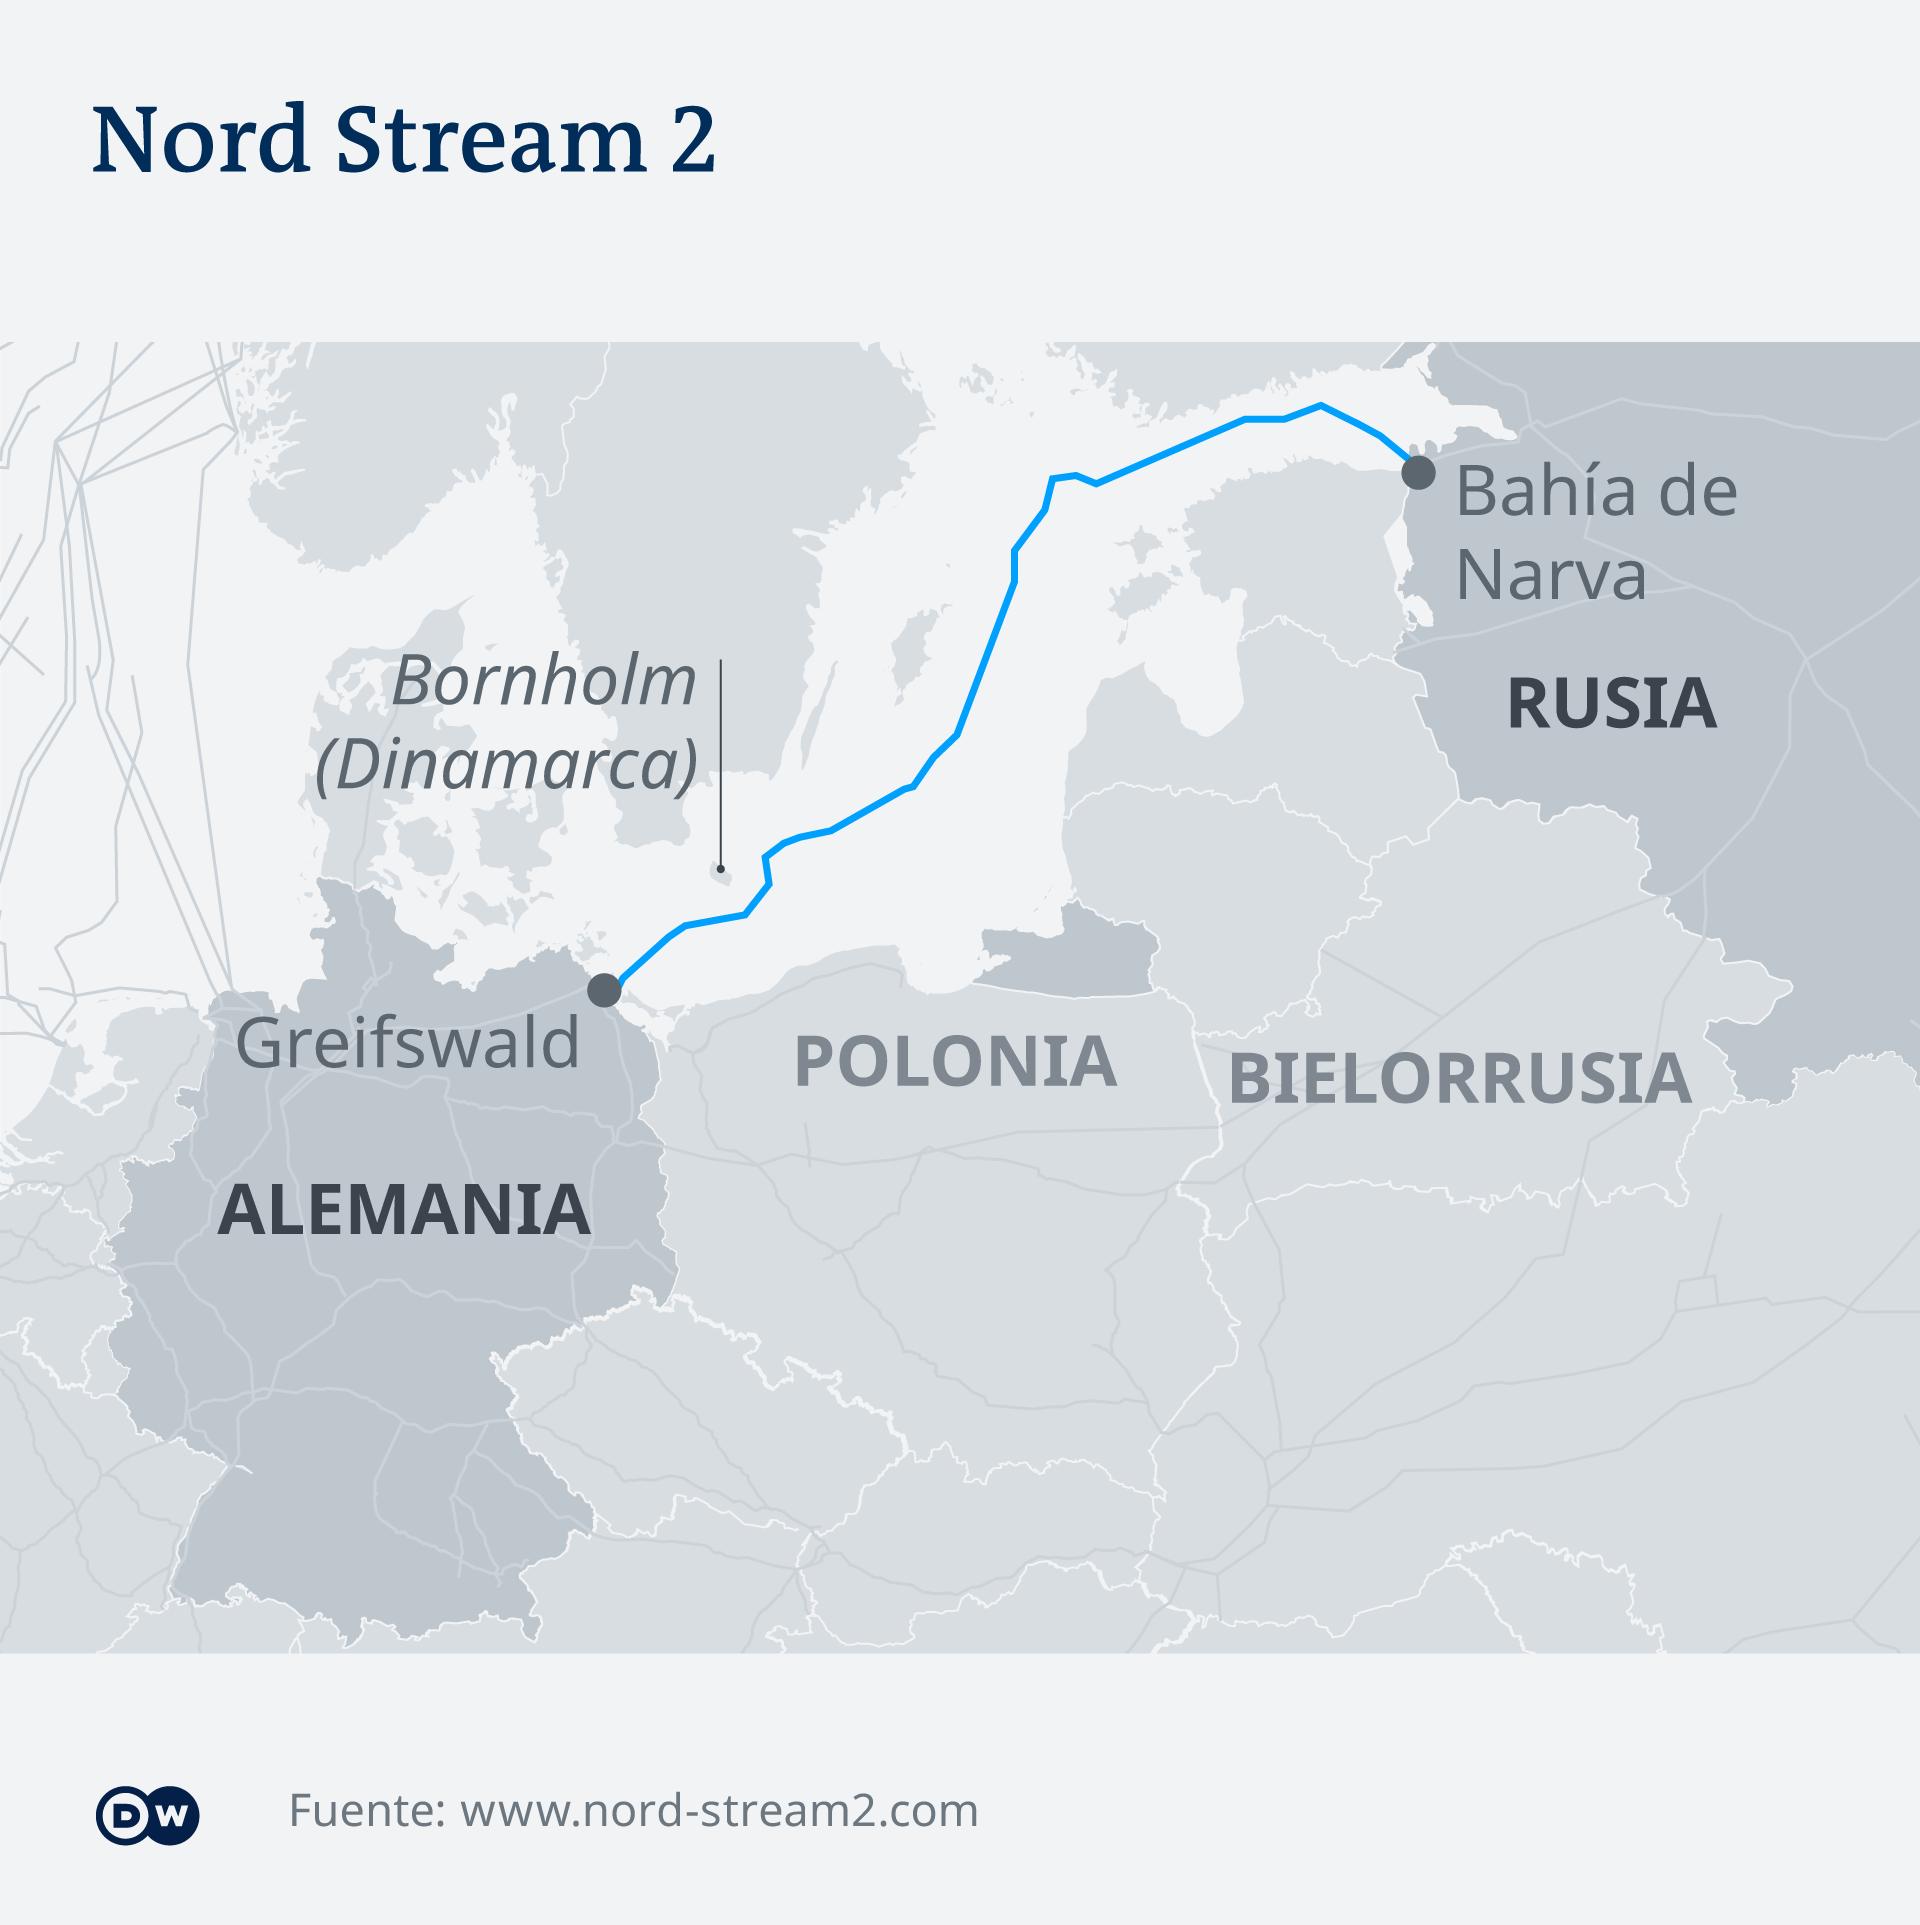 Recorrido del Nord Stream 2.